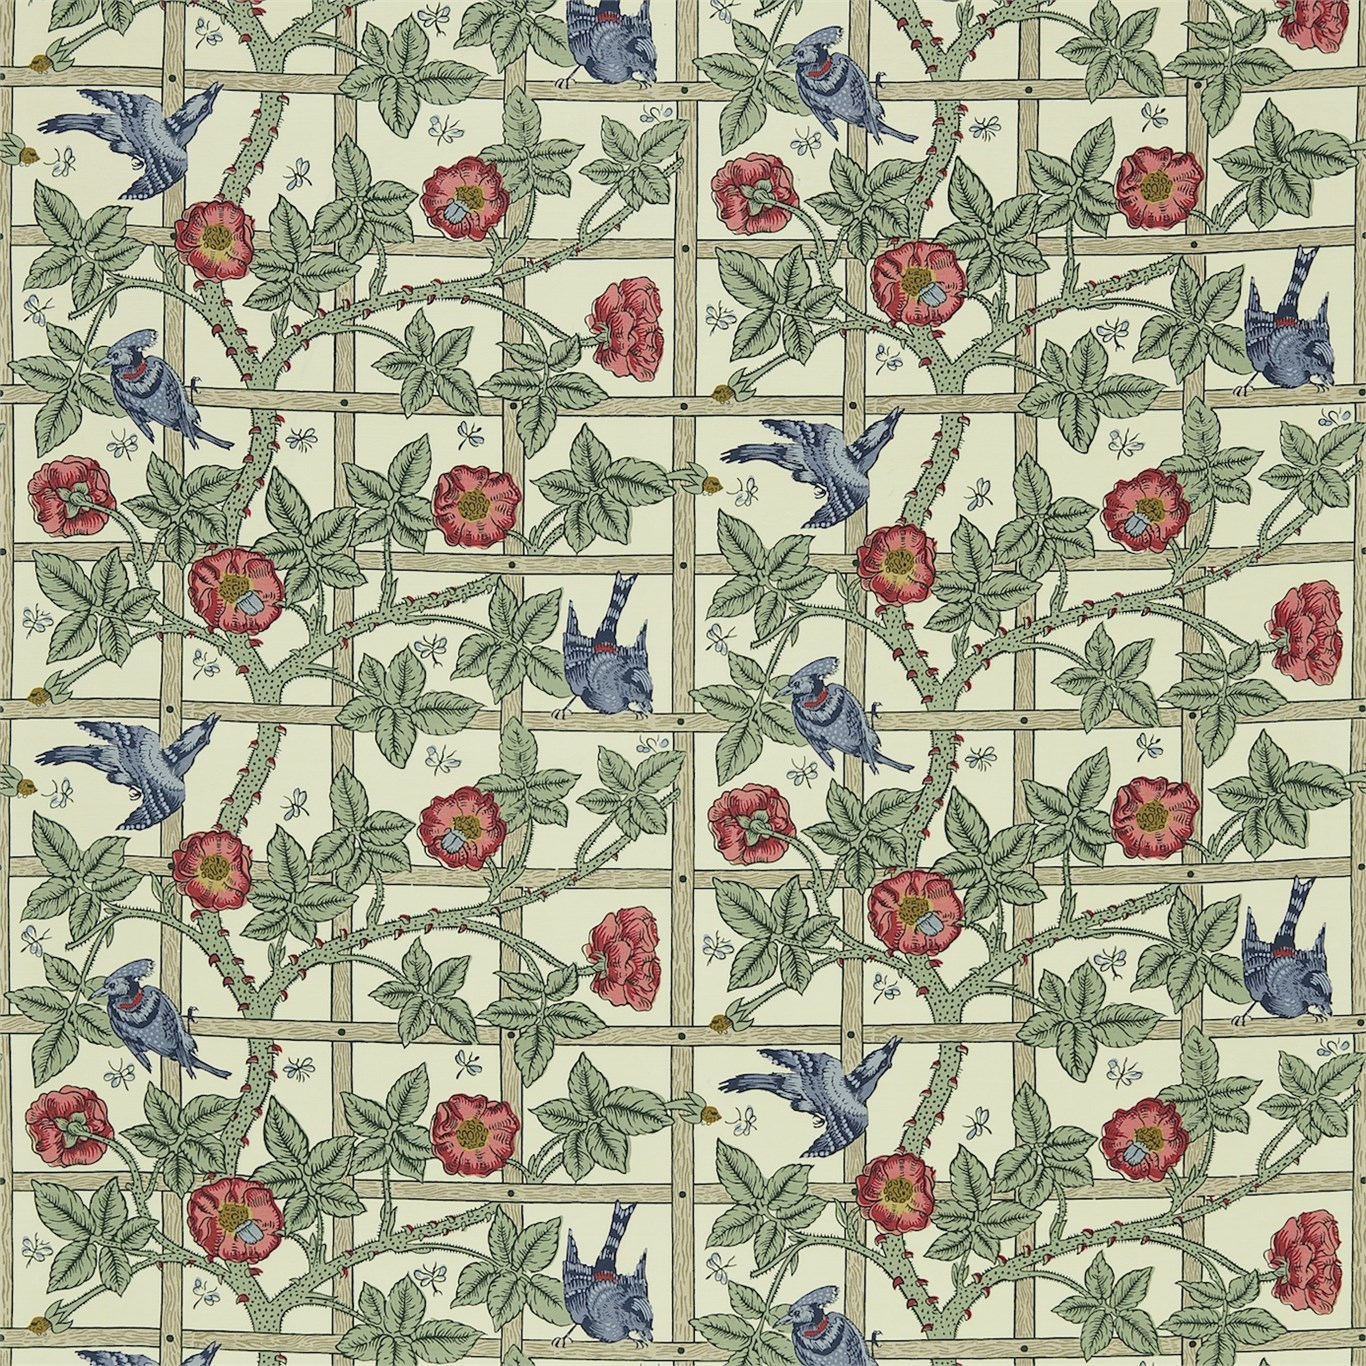 Original Morris Co   Arts and crafts fabrics and wallpaper designs 1366x1366